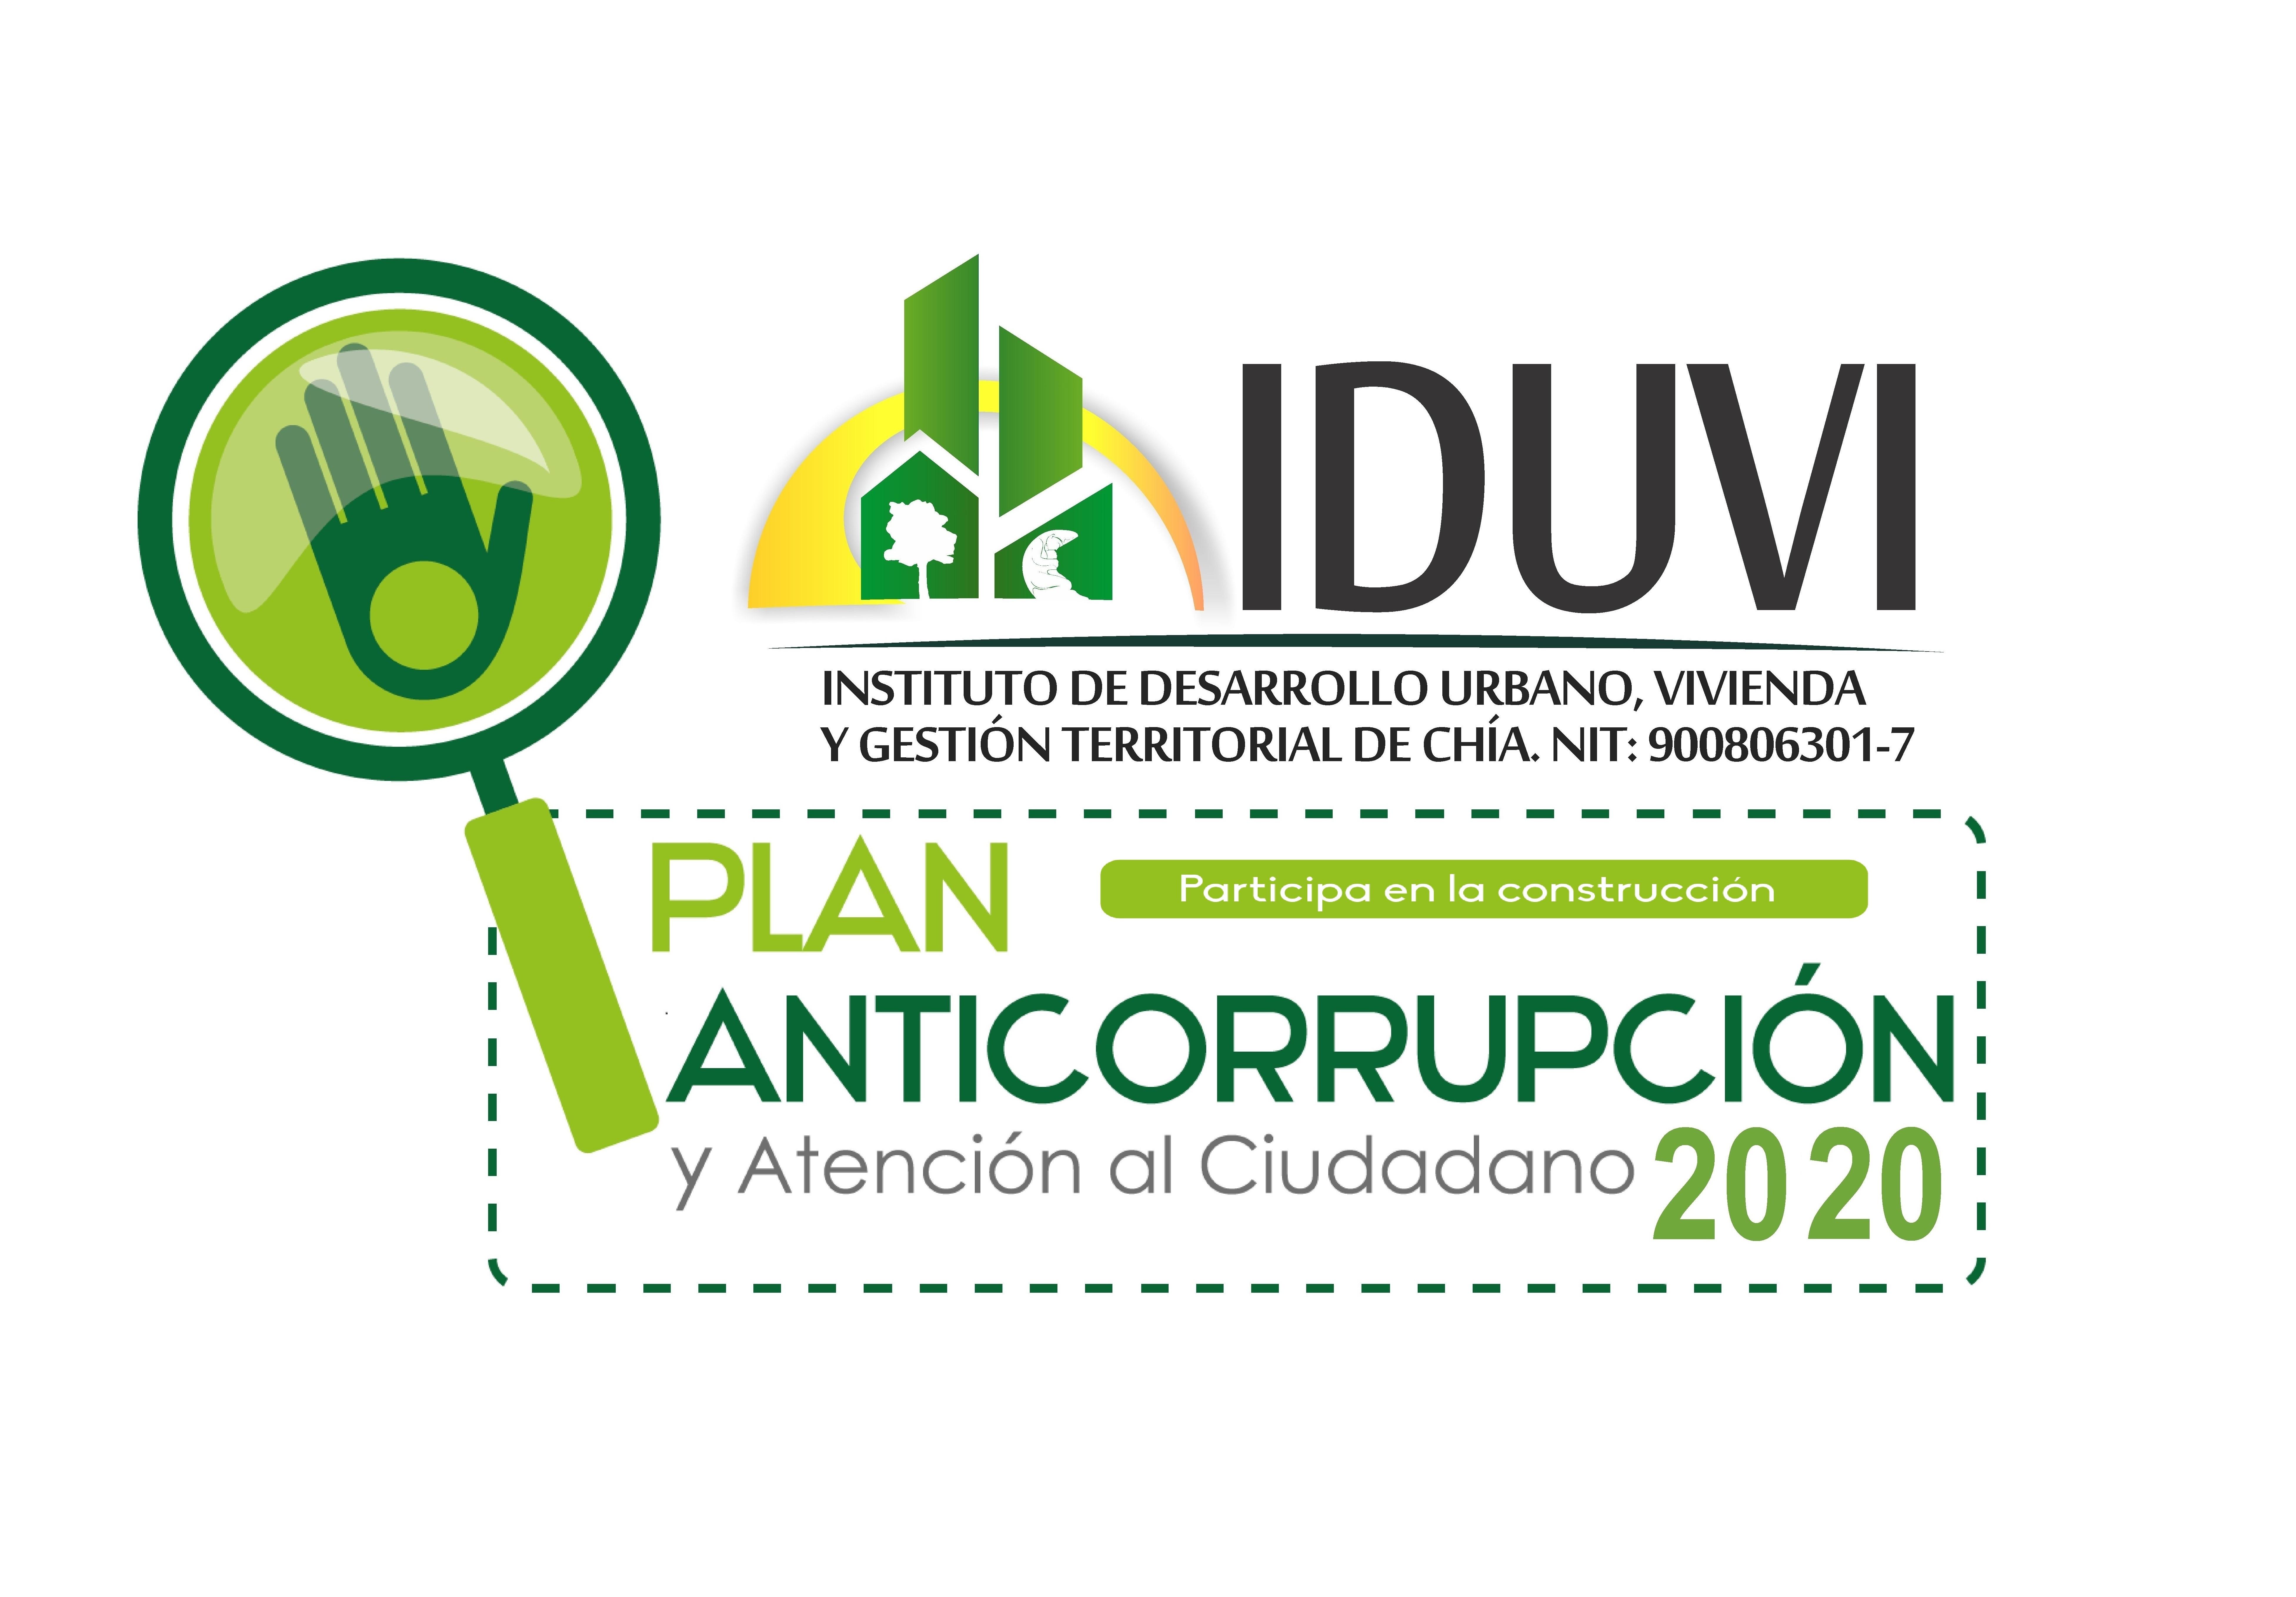 Participe en la construcción del Plan Anticorrupción y Atención al Ciudadano 2020